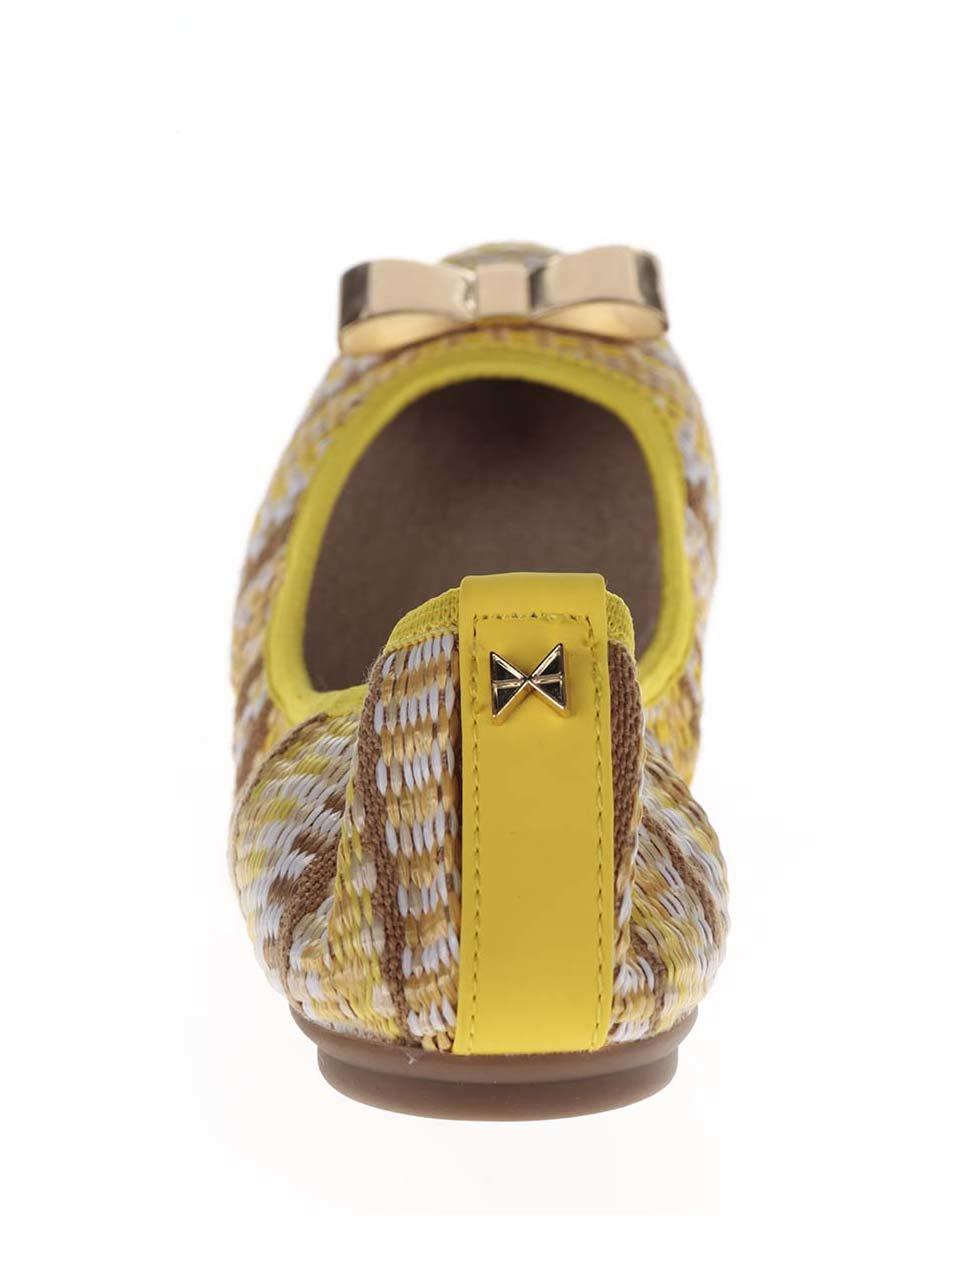 36b488cbd Hnedo-žlté vzorované baleríny s mašľou v zlatej farbe do kabelky Butterfly  Twists Chloe ...